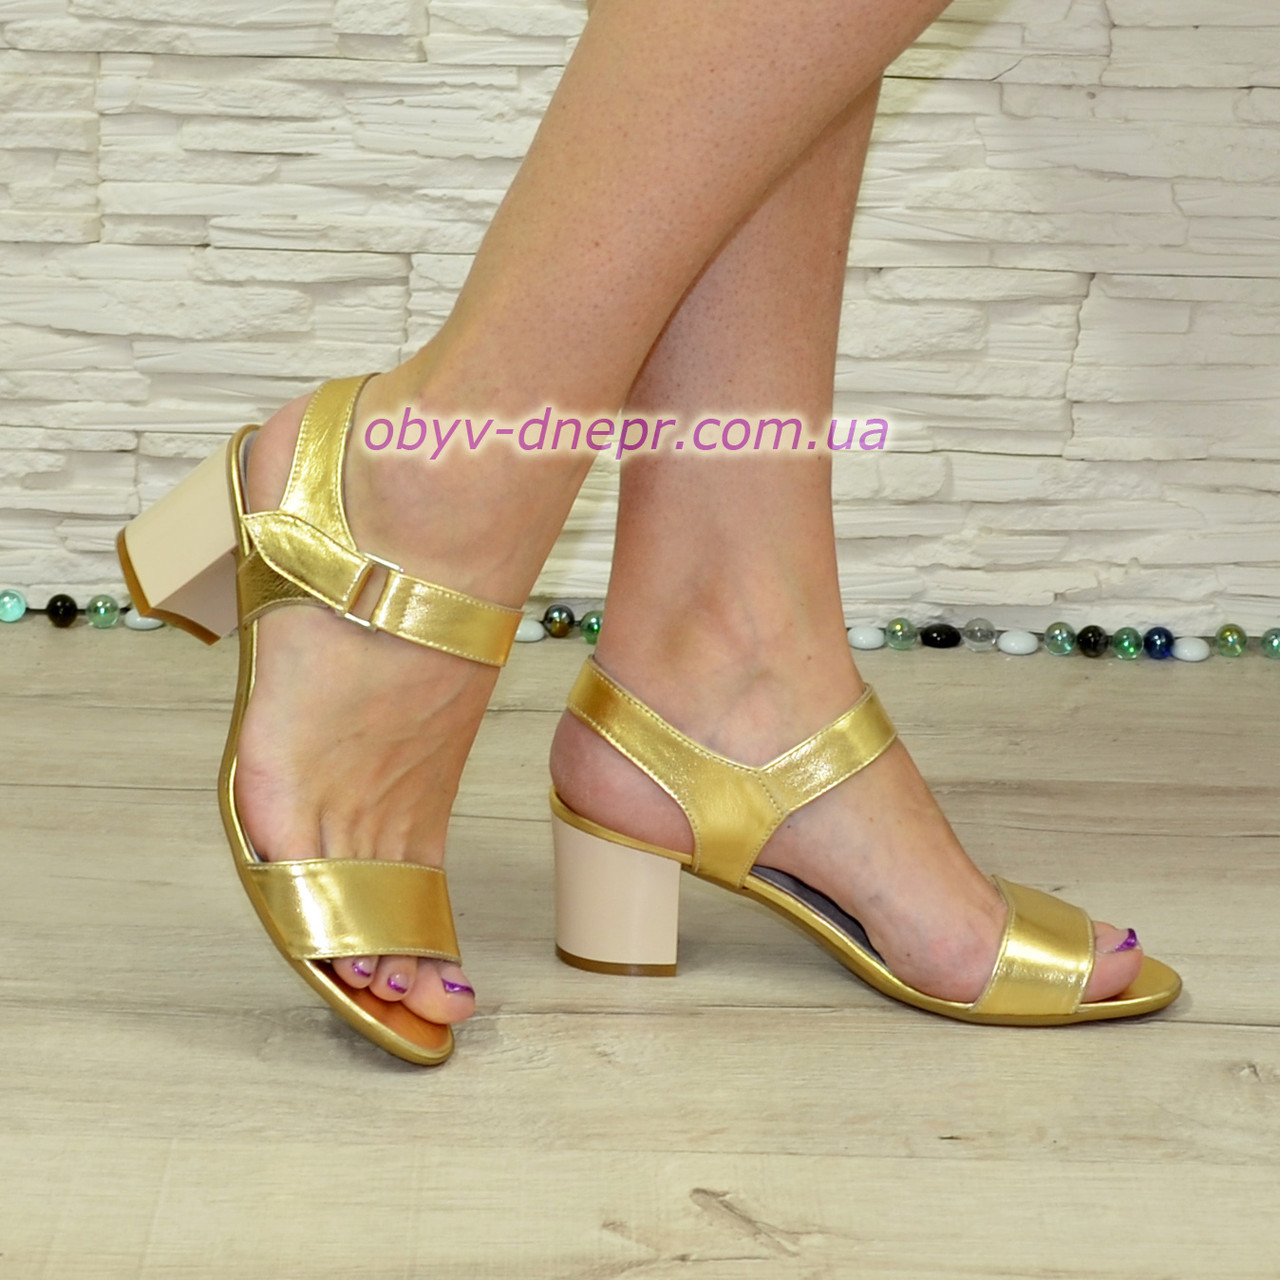 Женские кожаные босоножки на невысоком каблуке, цвет золото